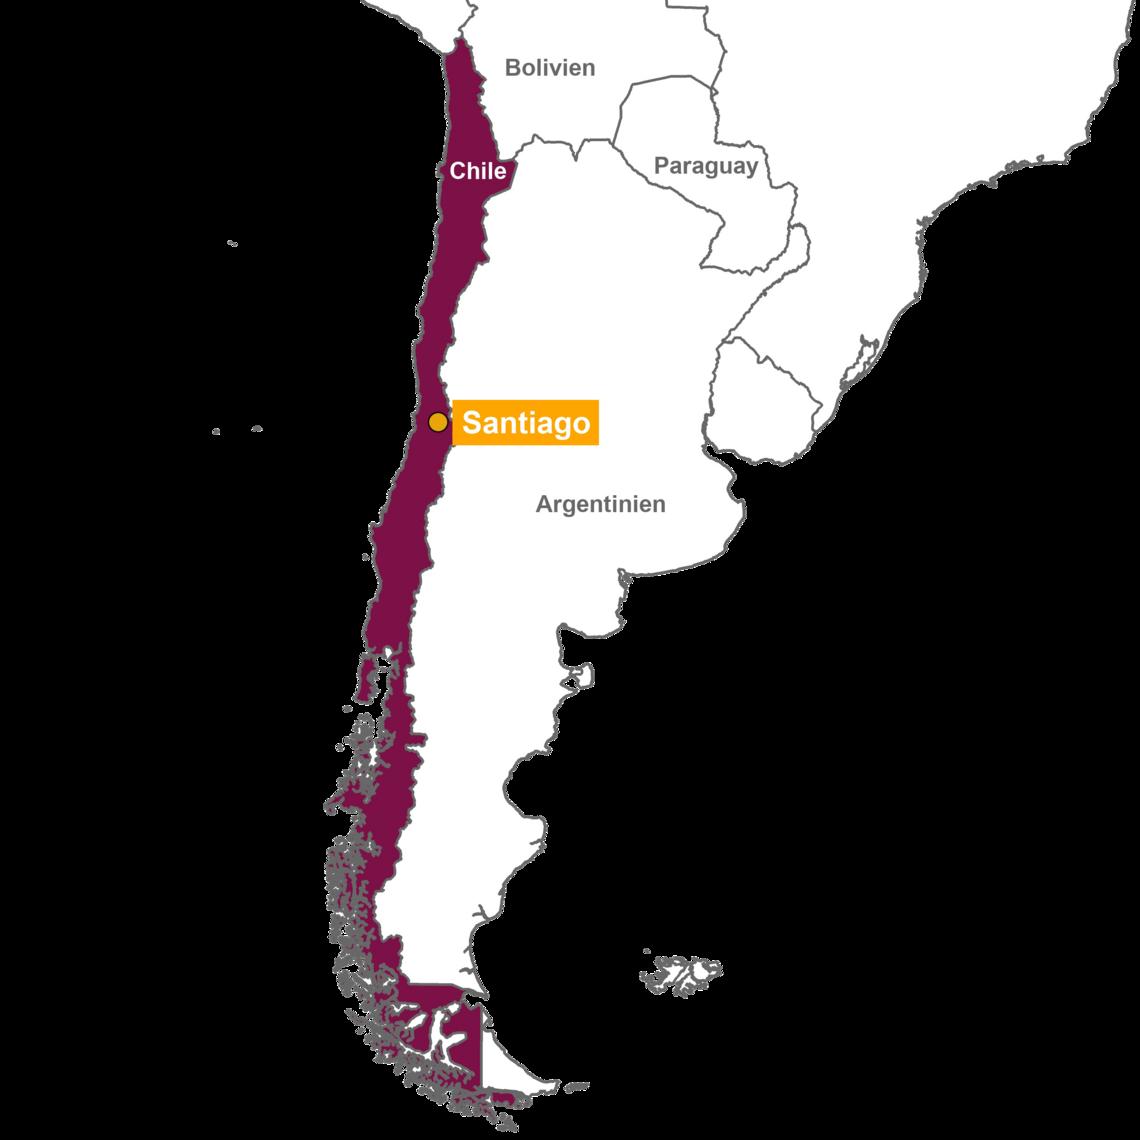 Atacama Wüste Karte.Ihre Chile Reise Von Der Atacama Wüste Bis Nach Patagonien